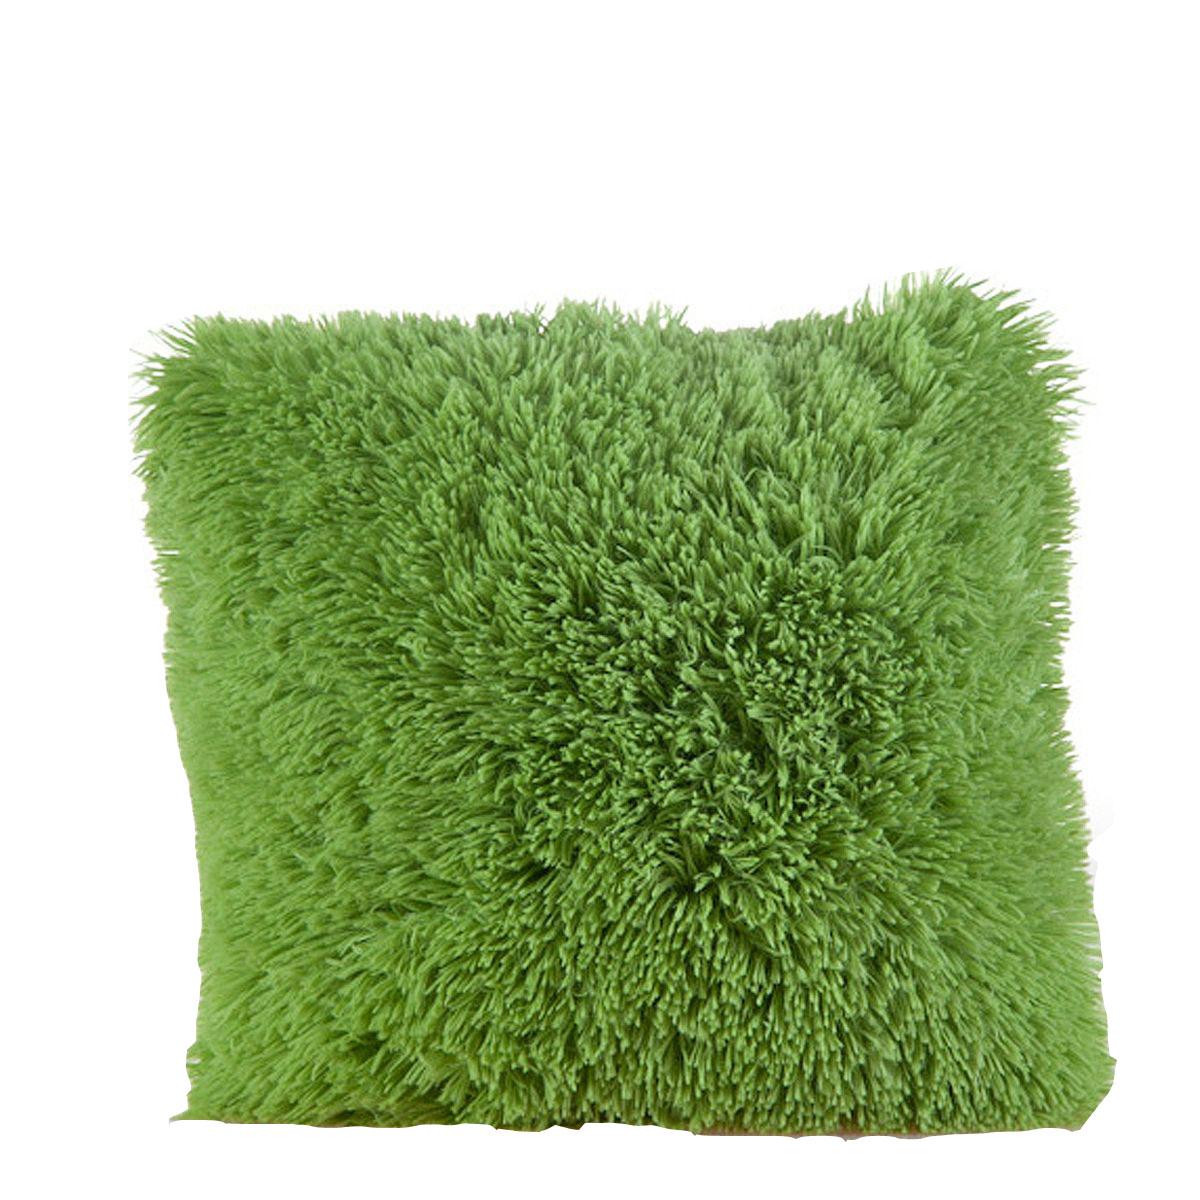 Подушка декоративная Унисон Trendy green, цвет: зеленый, 45 х 45 см204113